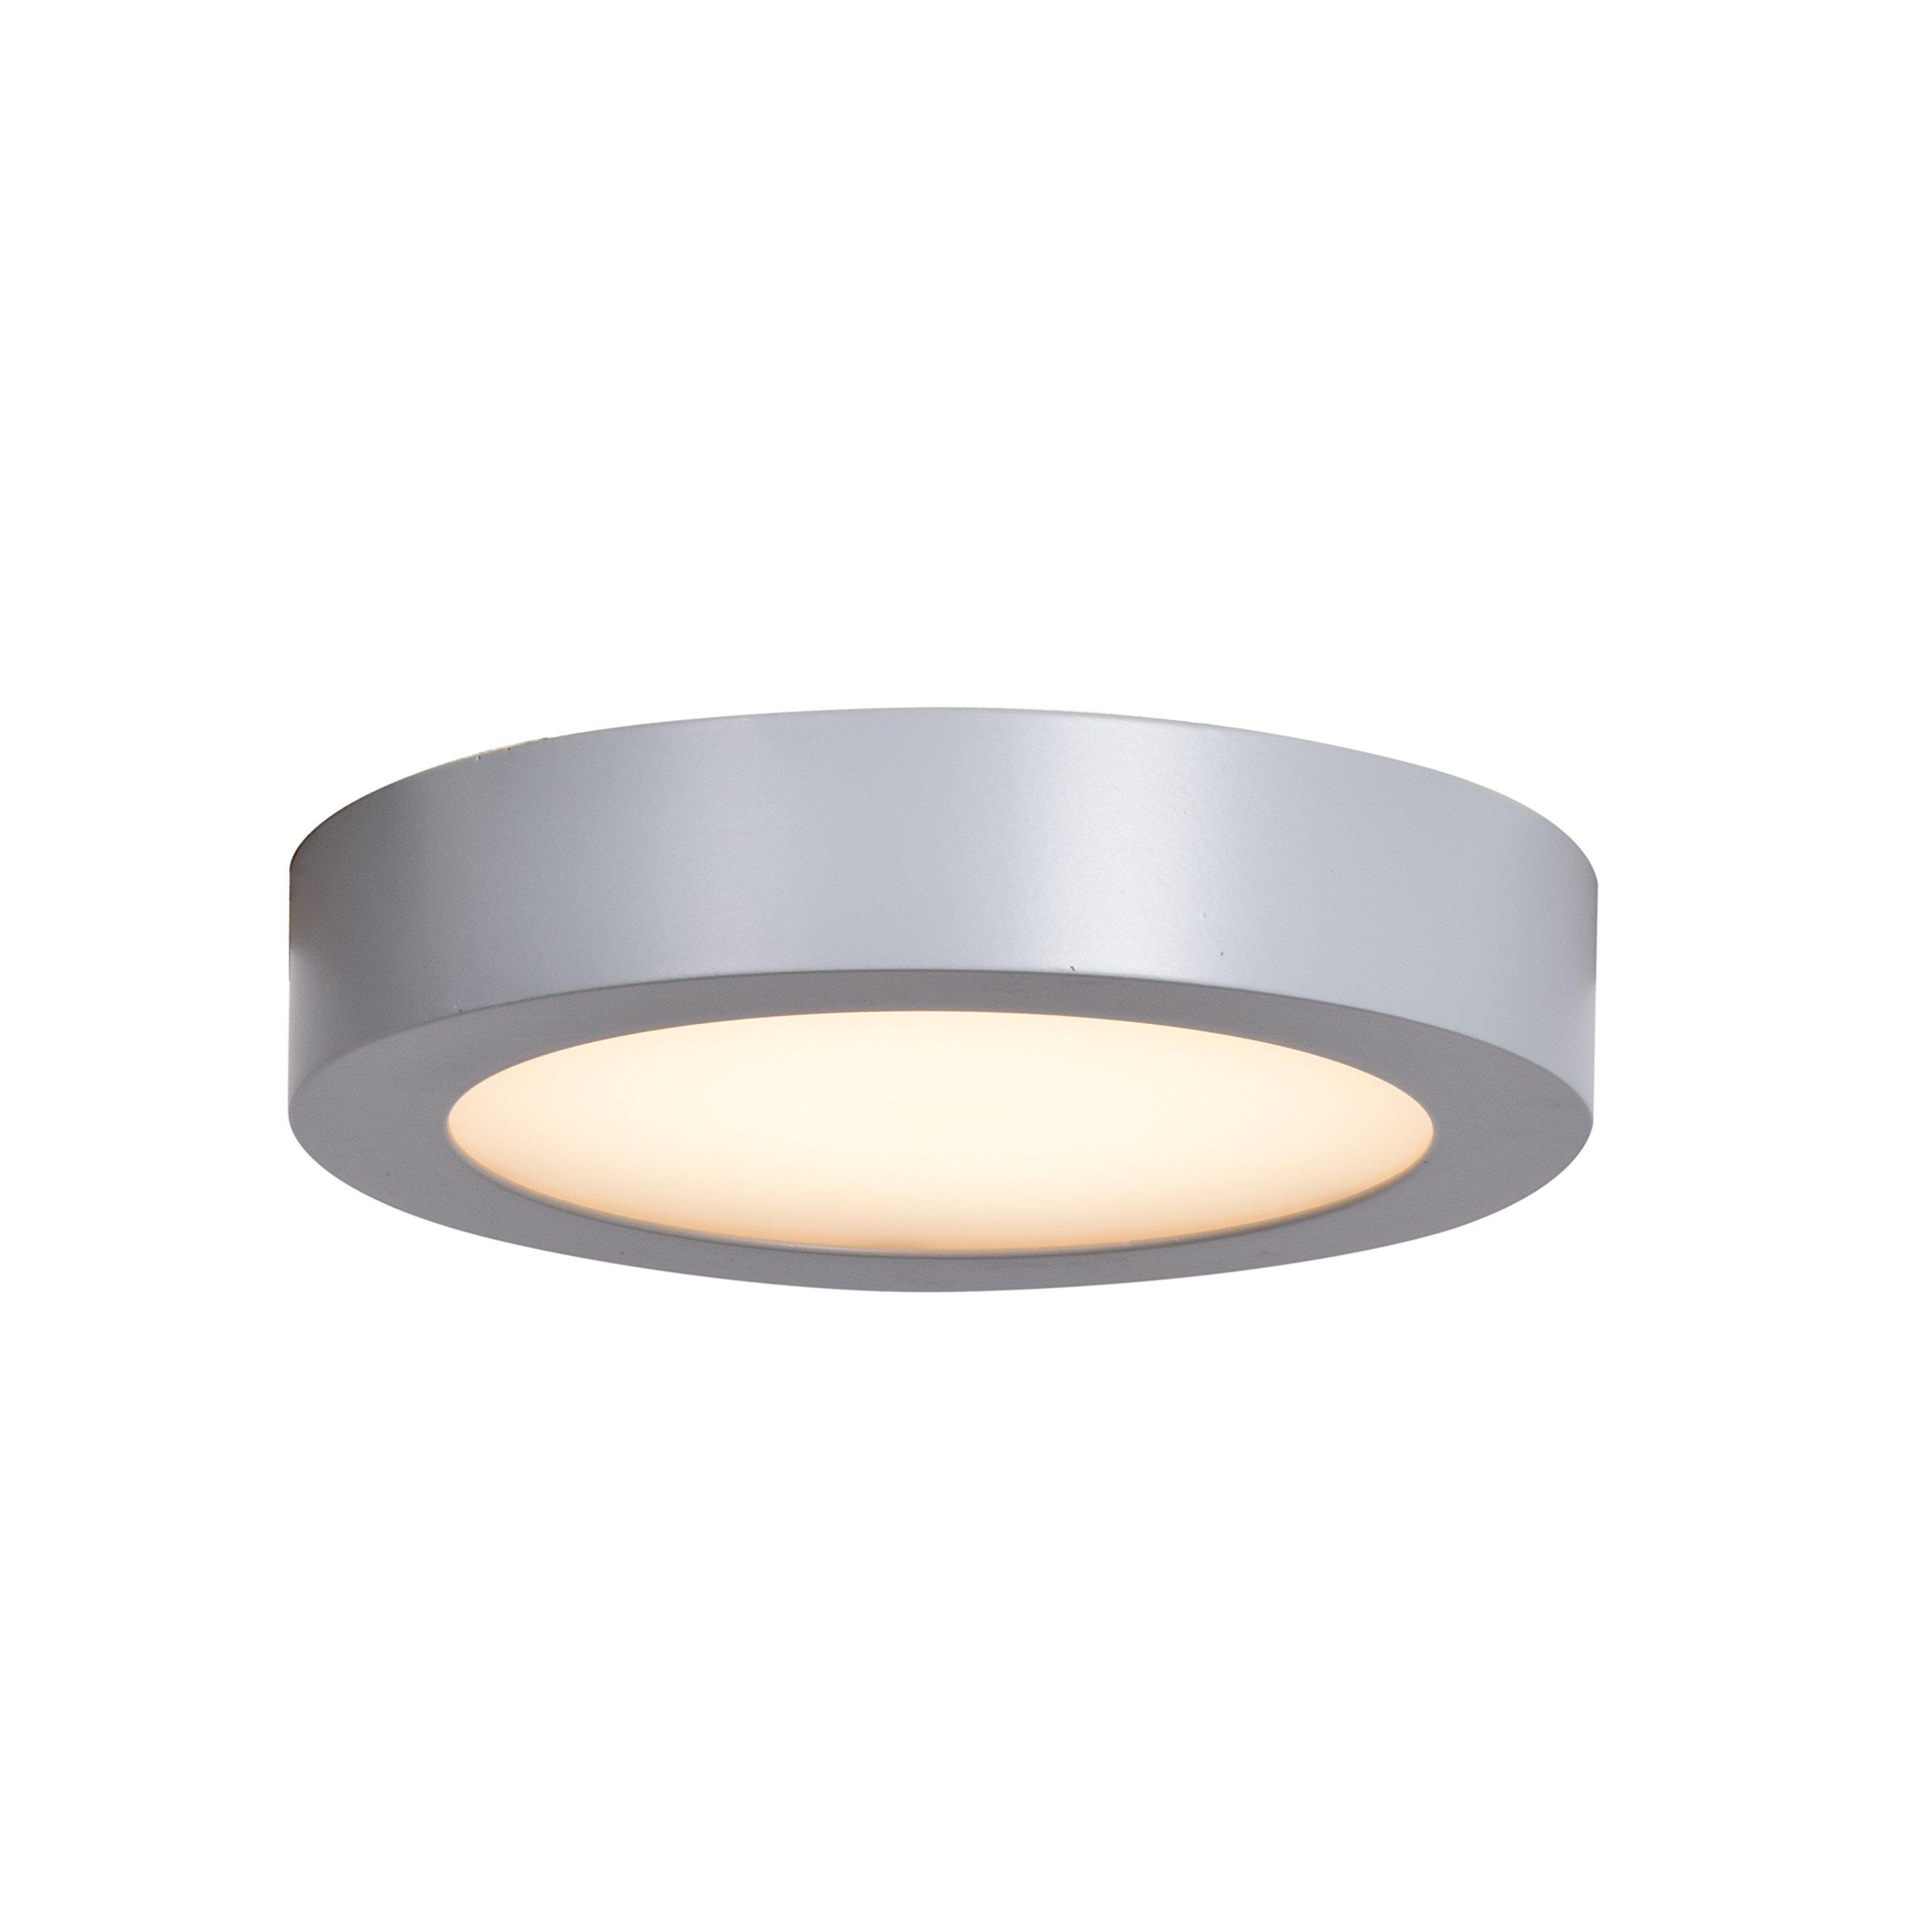 """Ulko Exterior LED Outdoor Flush Mount - 7""""D - Silver - Acrylic Lens Diffuser"""